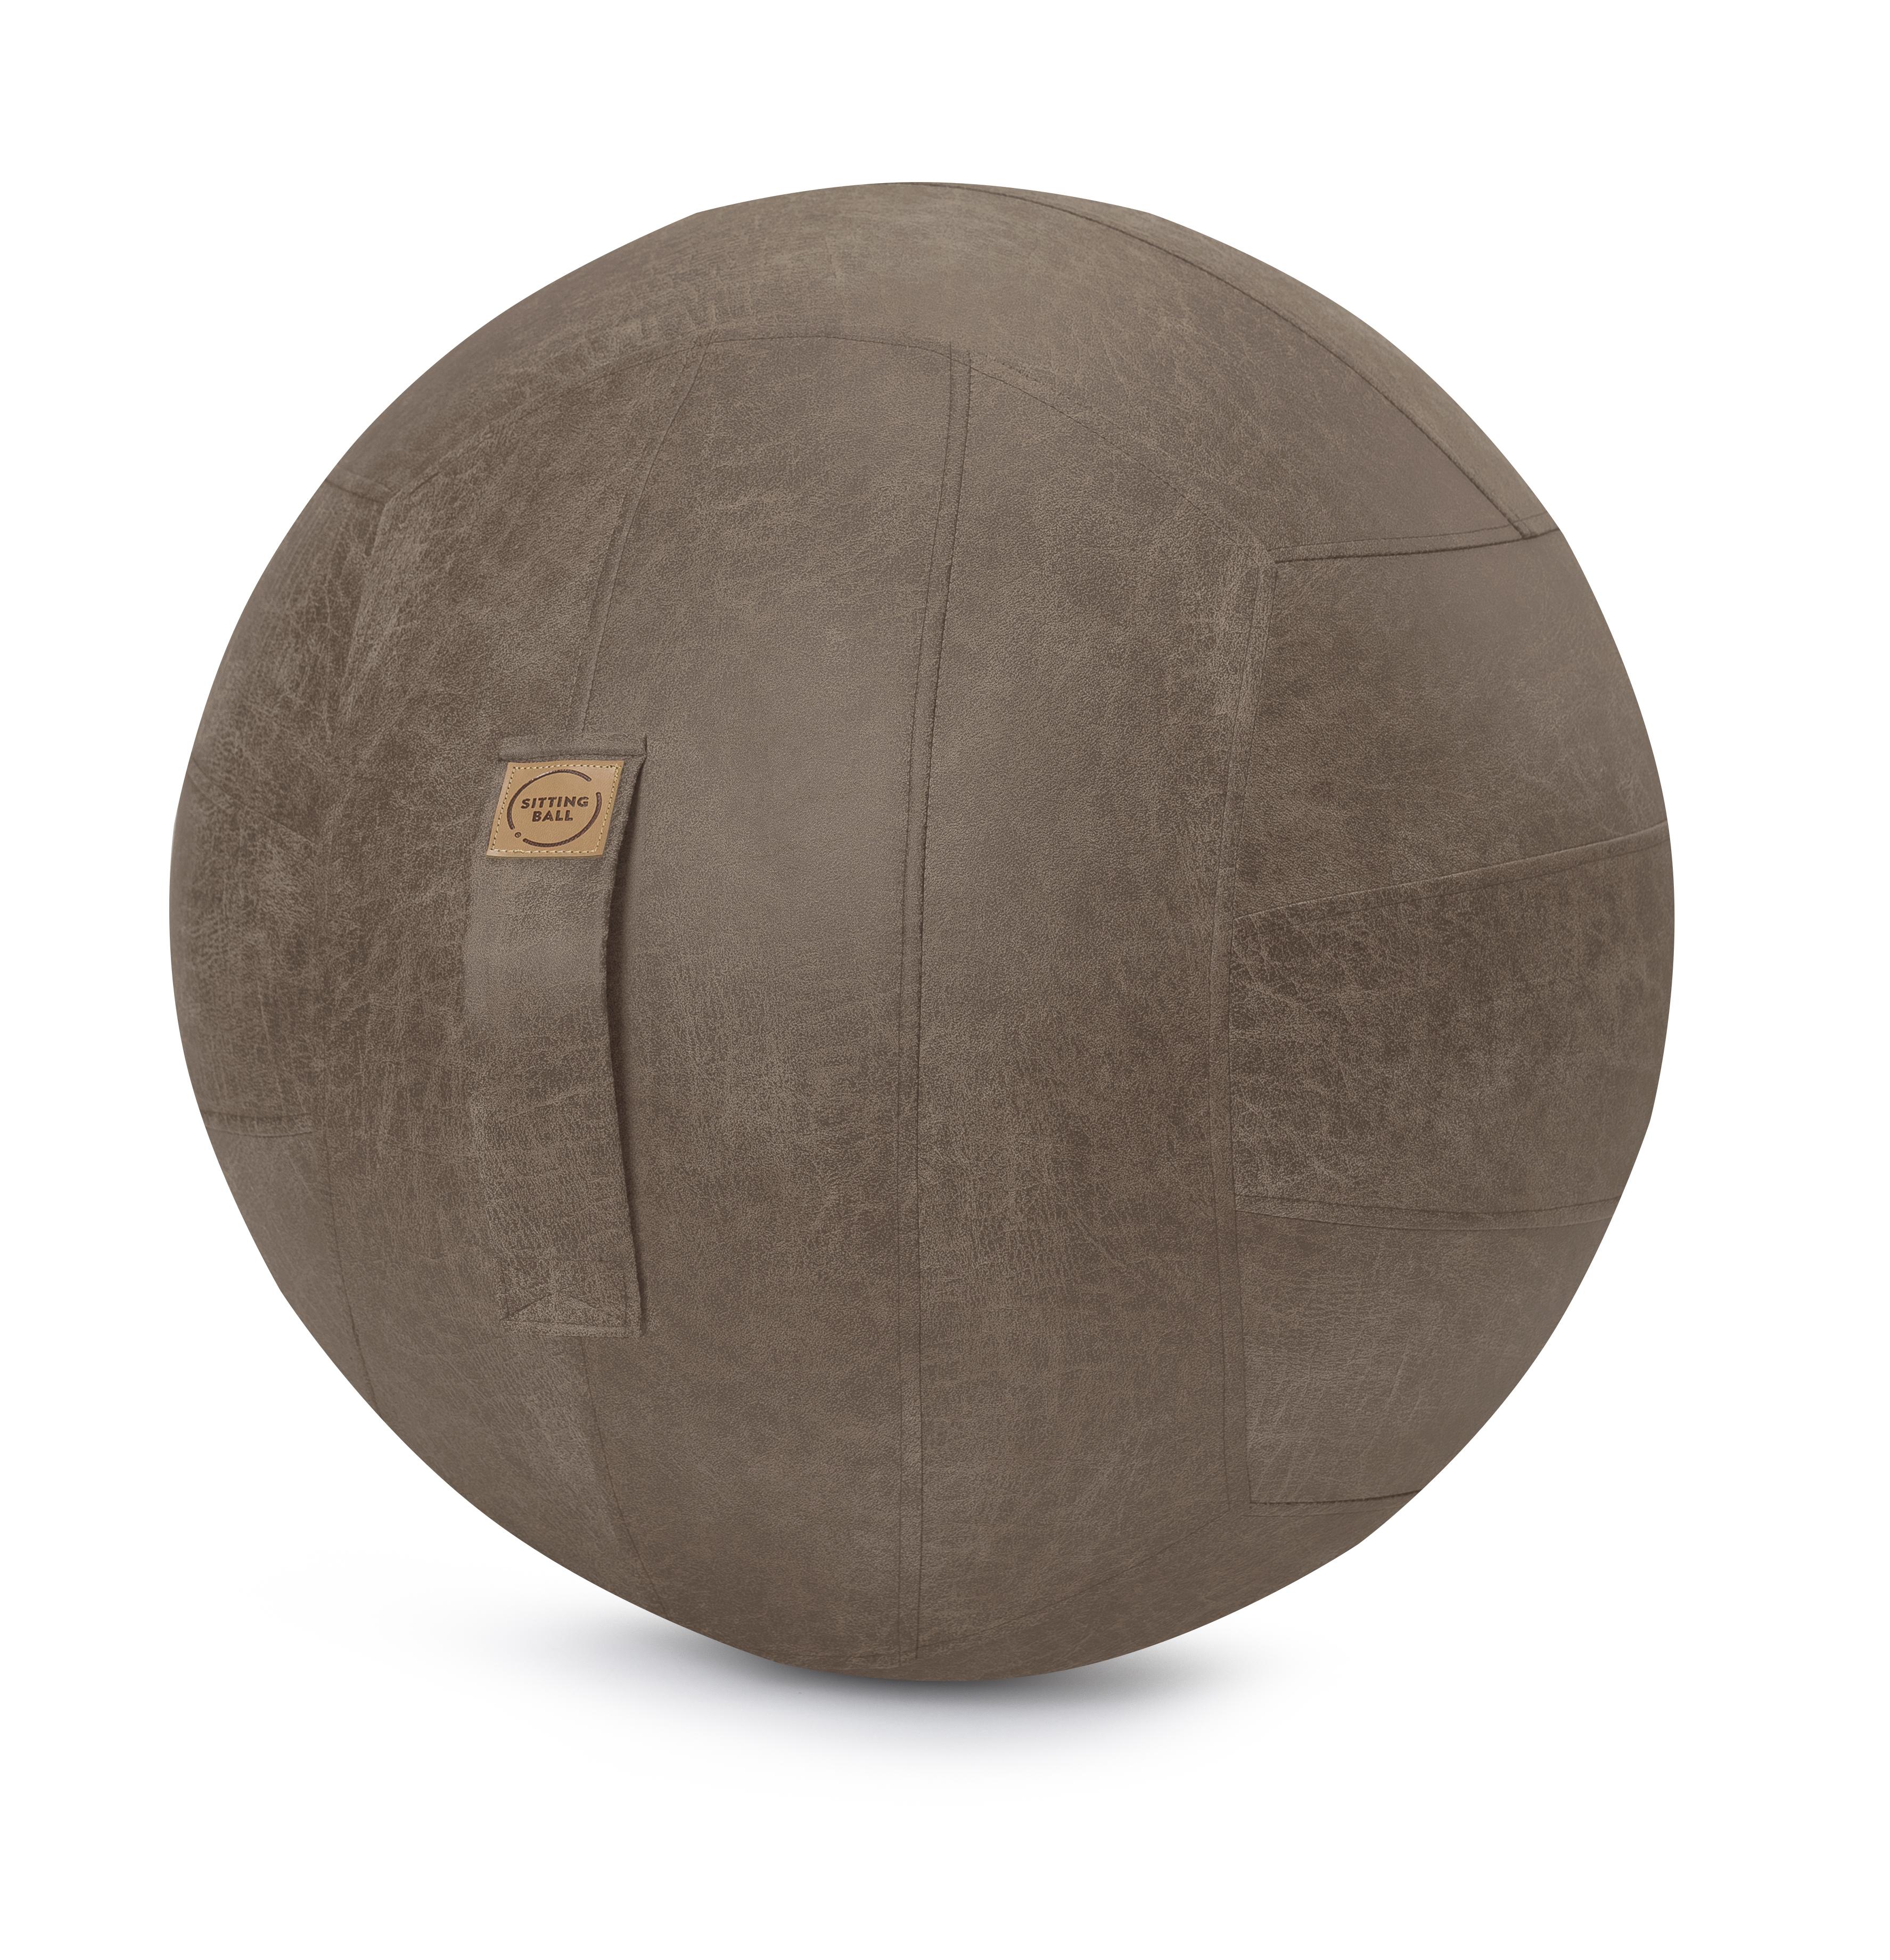 Balle d'assise design simili cuir marron avec poignée D65